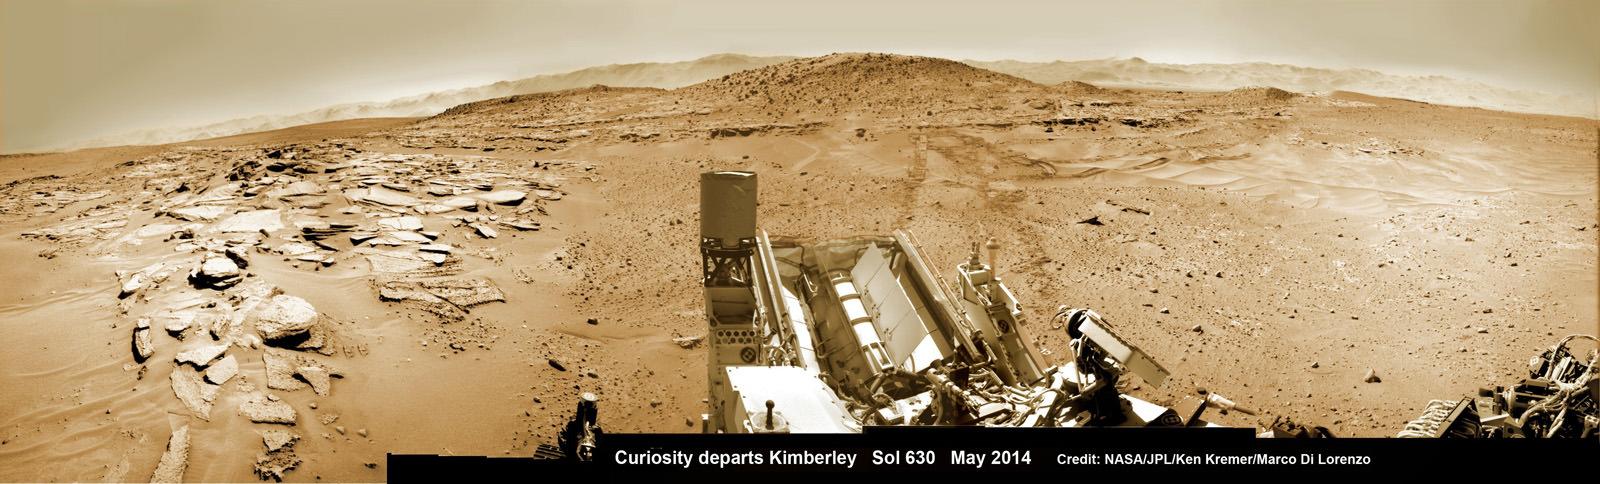 mars rovers expiditon - photo #16